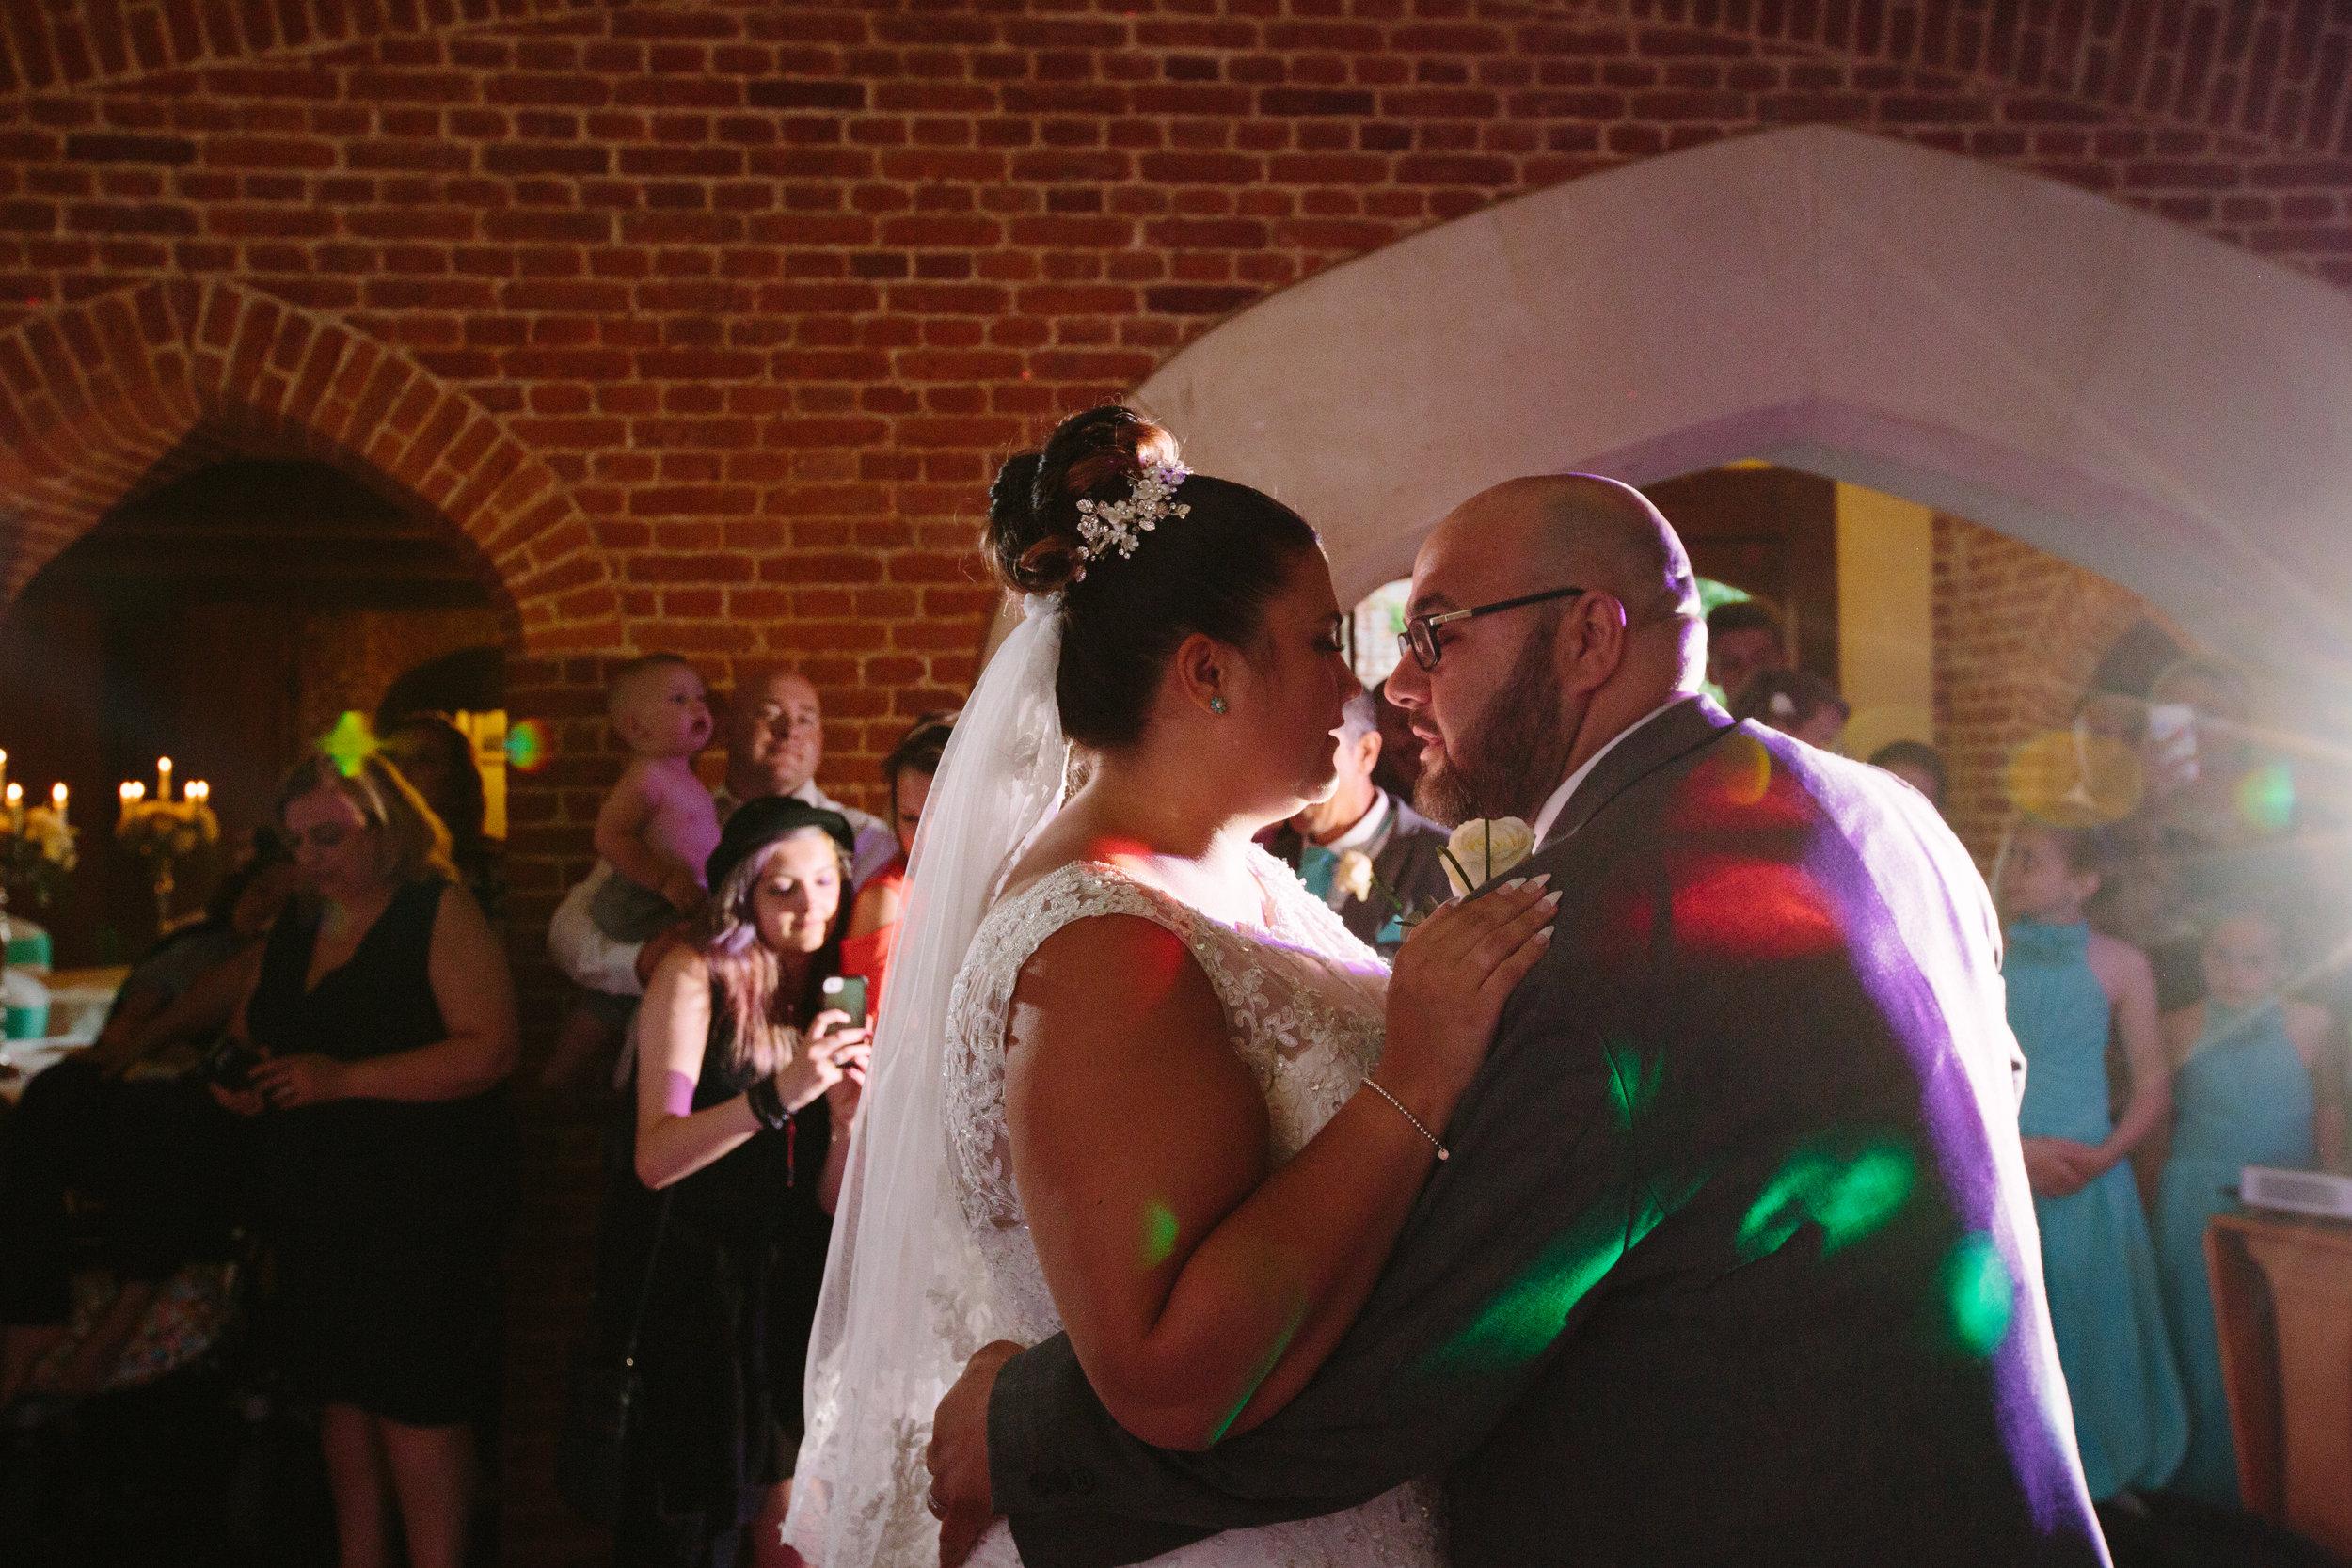 westenhangar-castle-kent-london-wedding-photography-first-dance-68